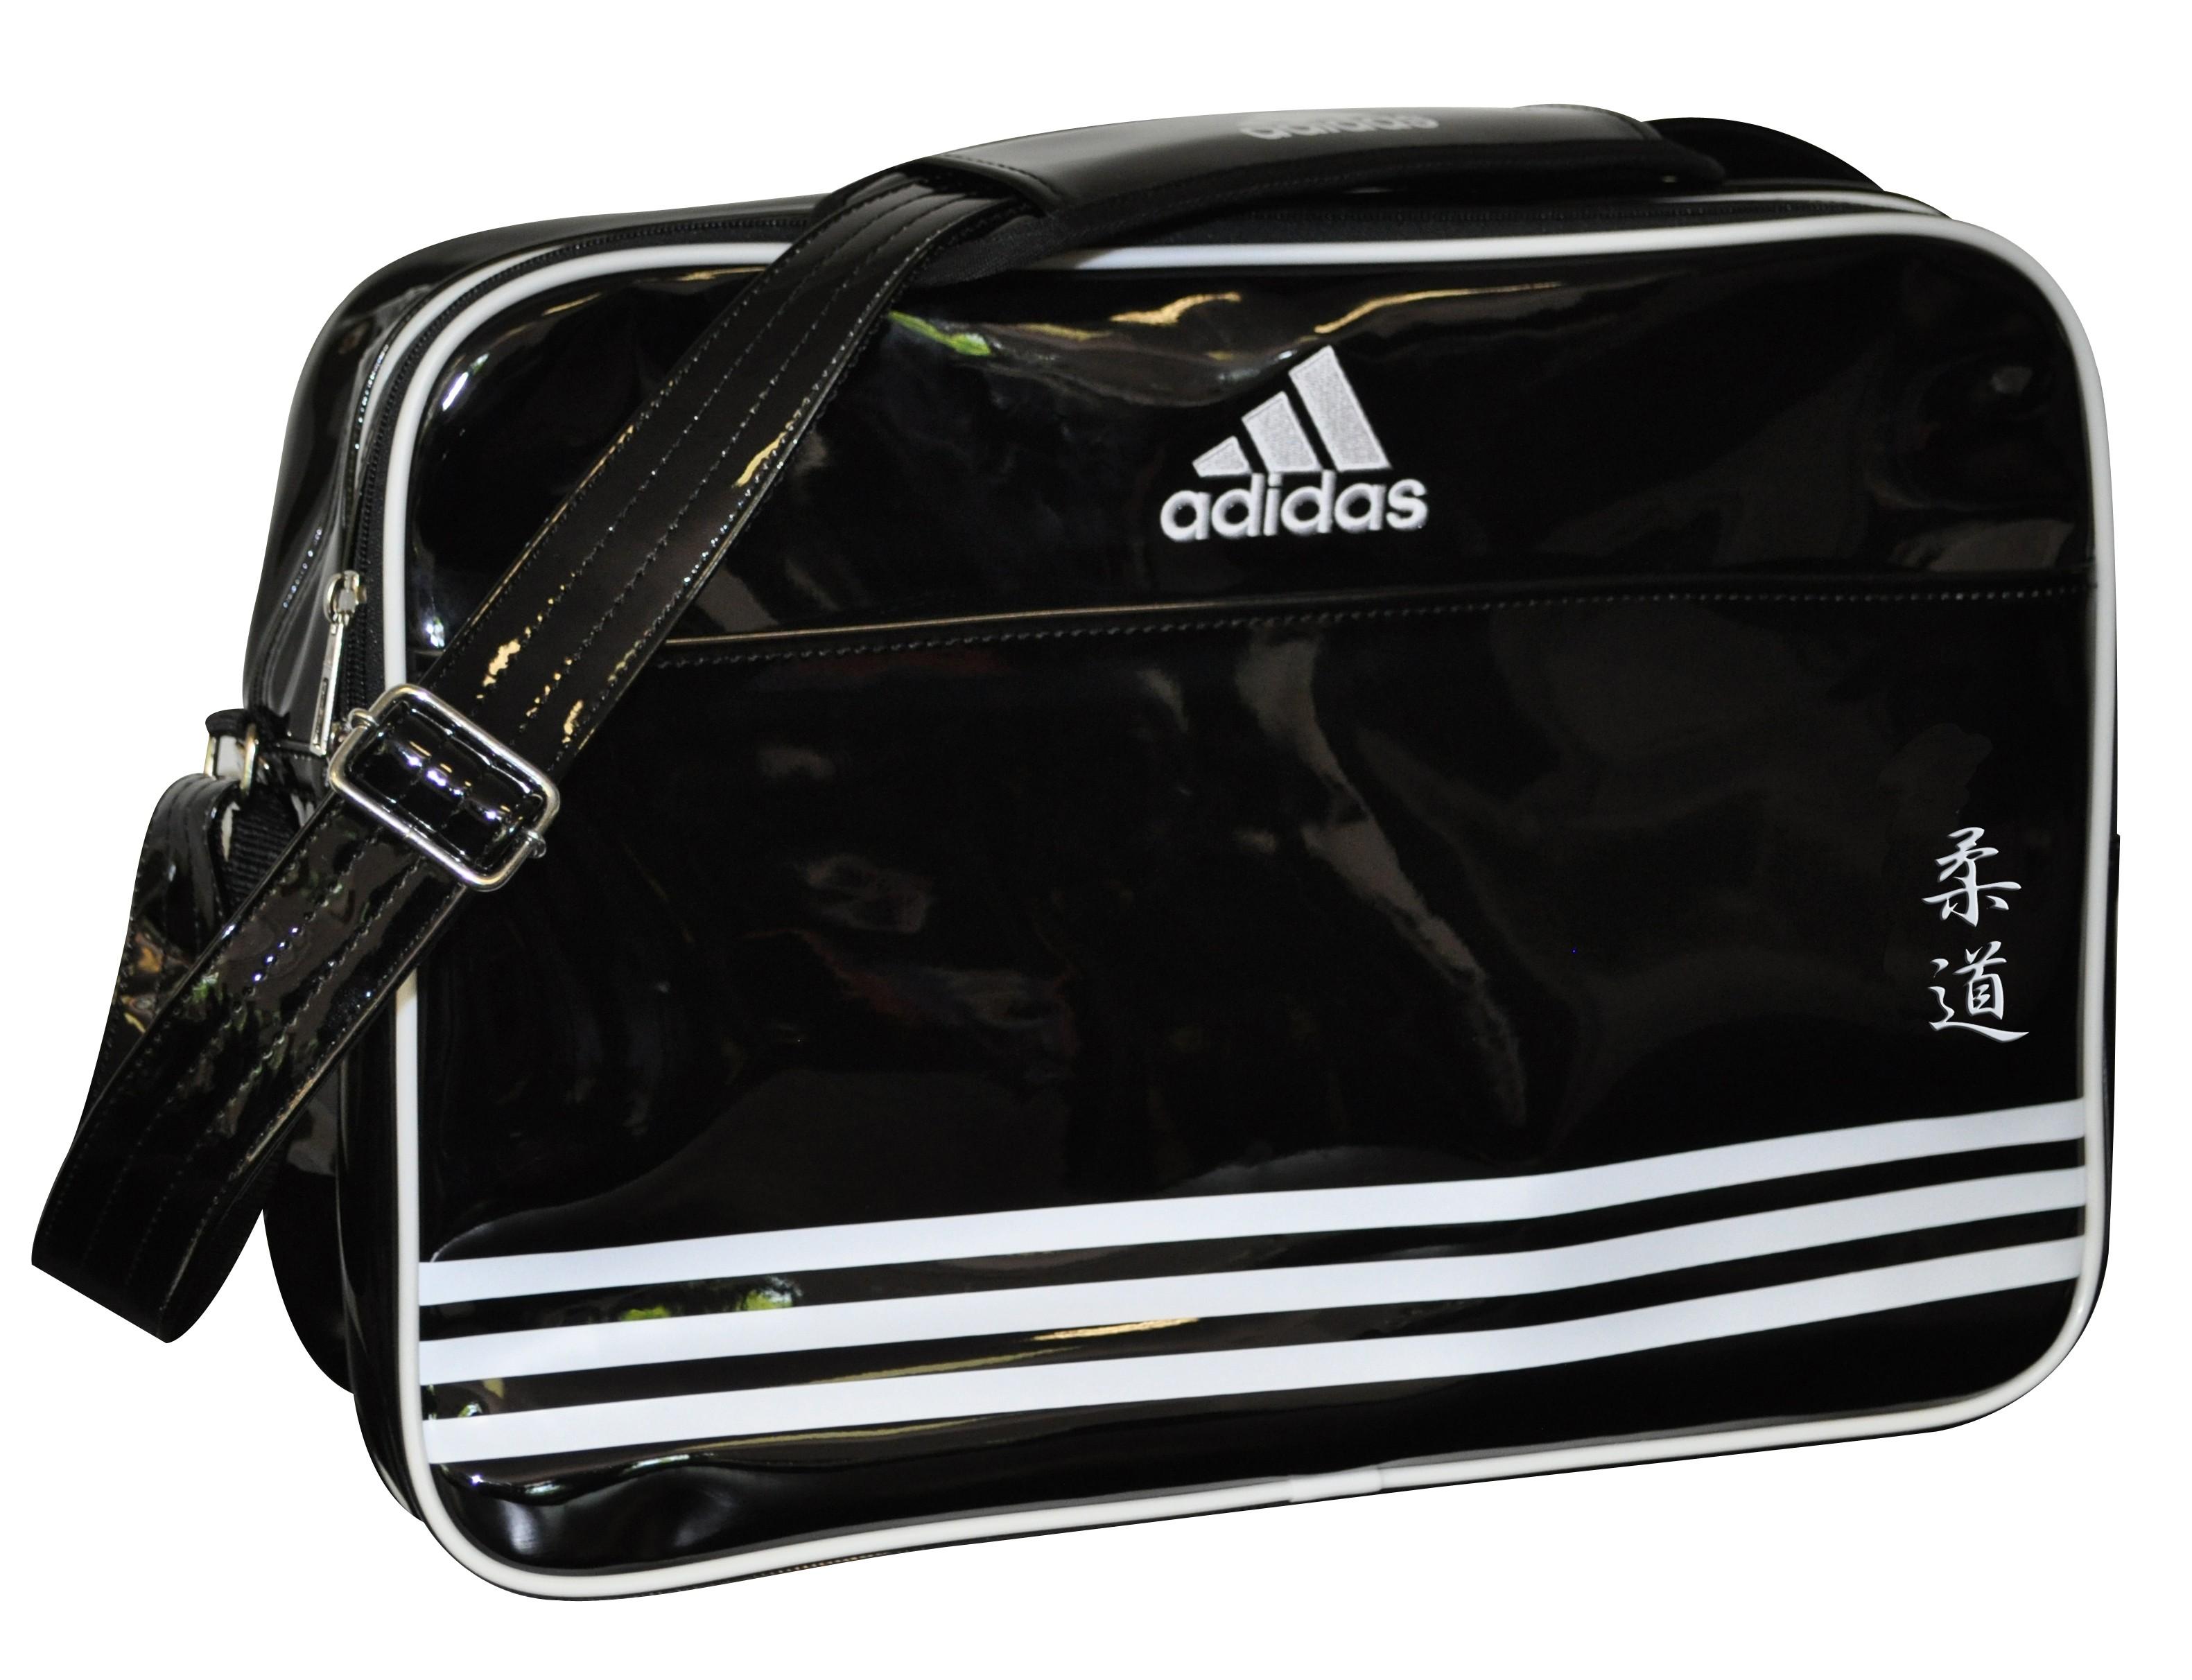 405273b890 Sac Adidas Bandoulière noir/blanc pour les sports de combat.